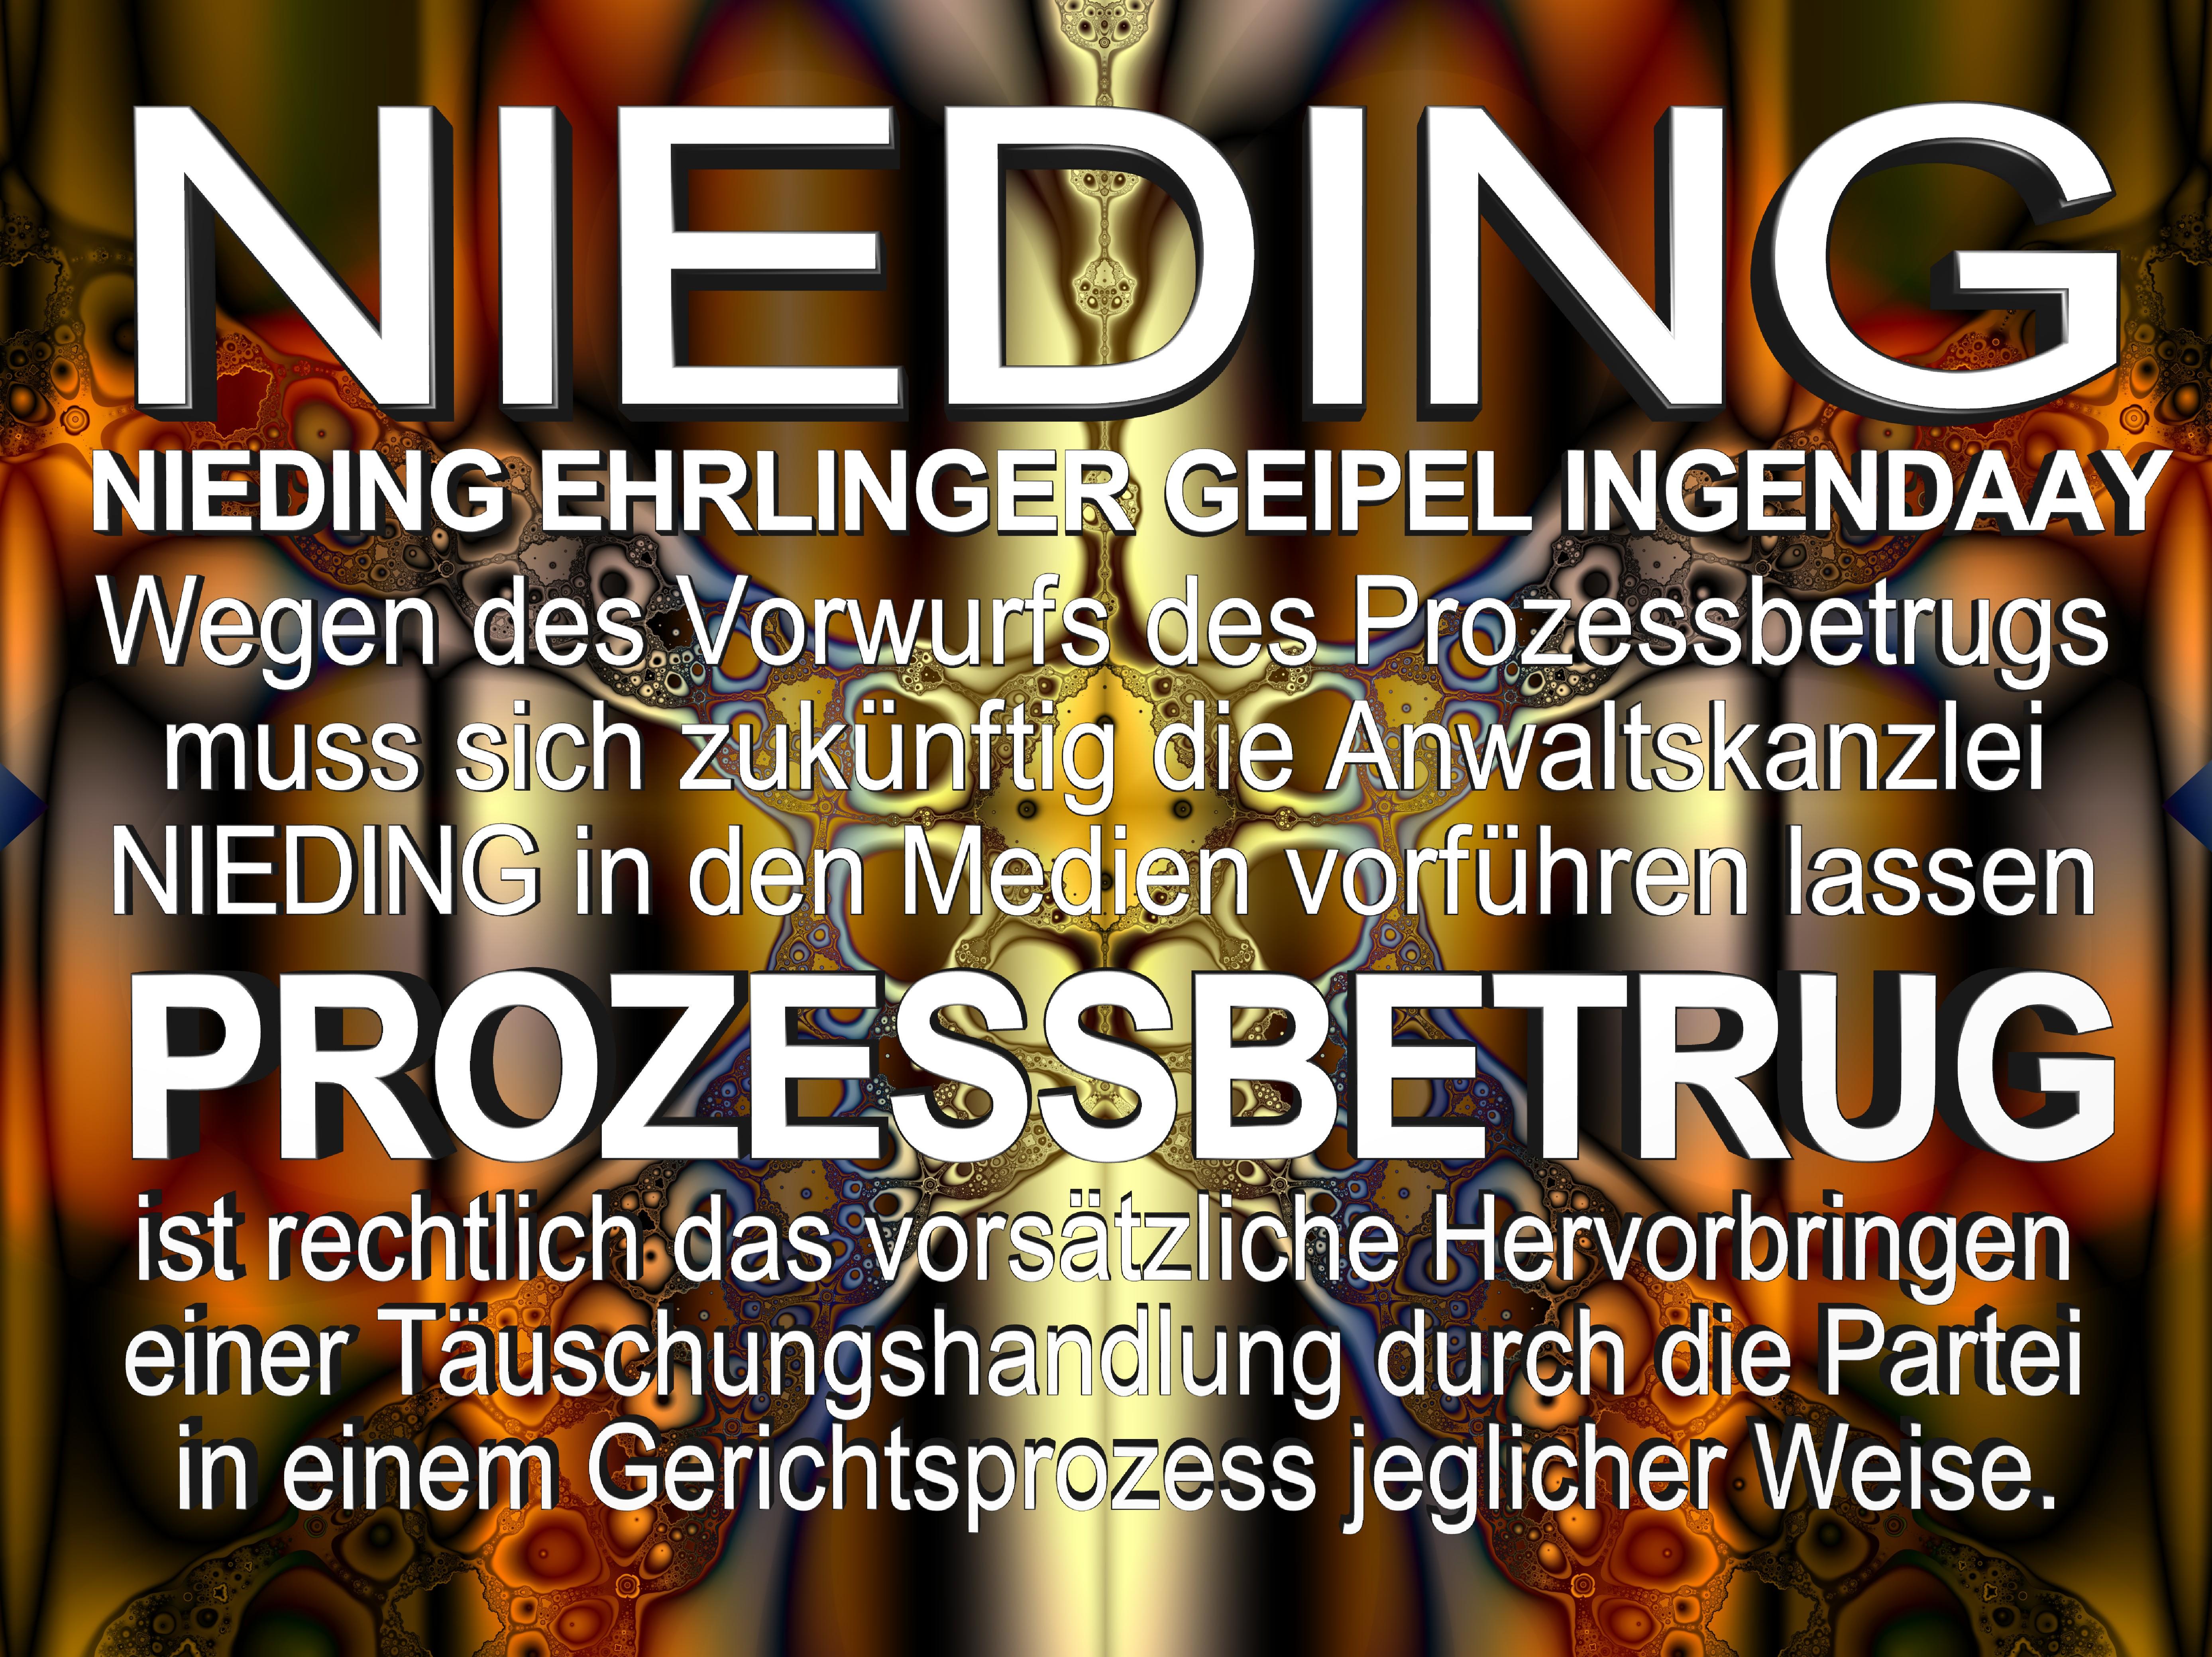 NIEDING EHRLINGER GEIPEL INGENDAAY LELKE Kurfürstendamm 66 Berlin (186)